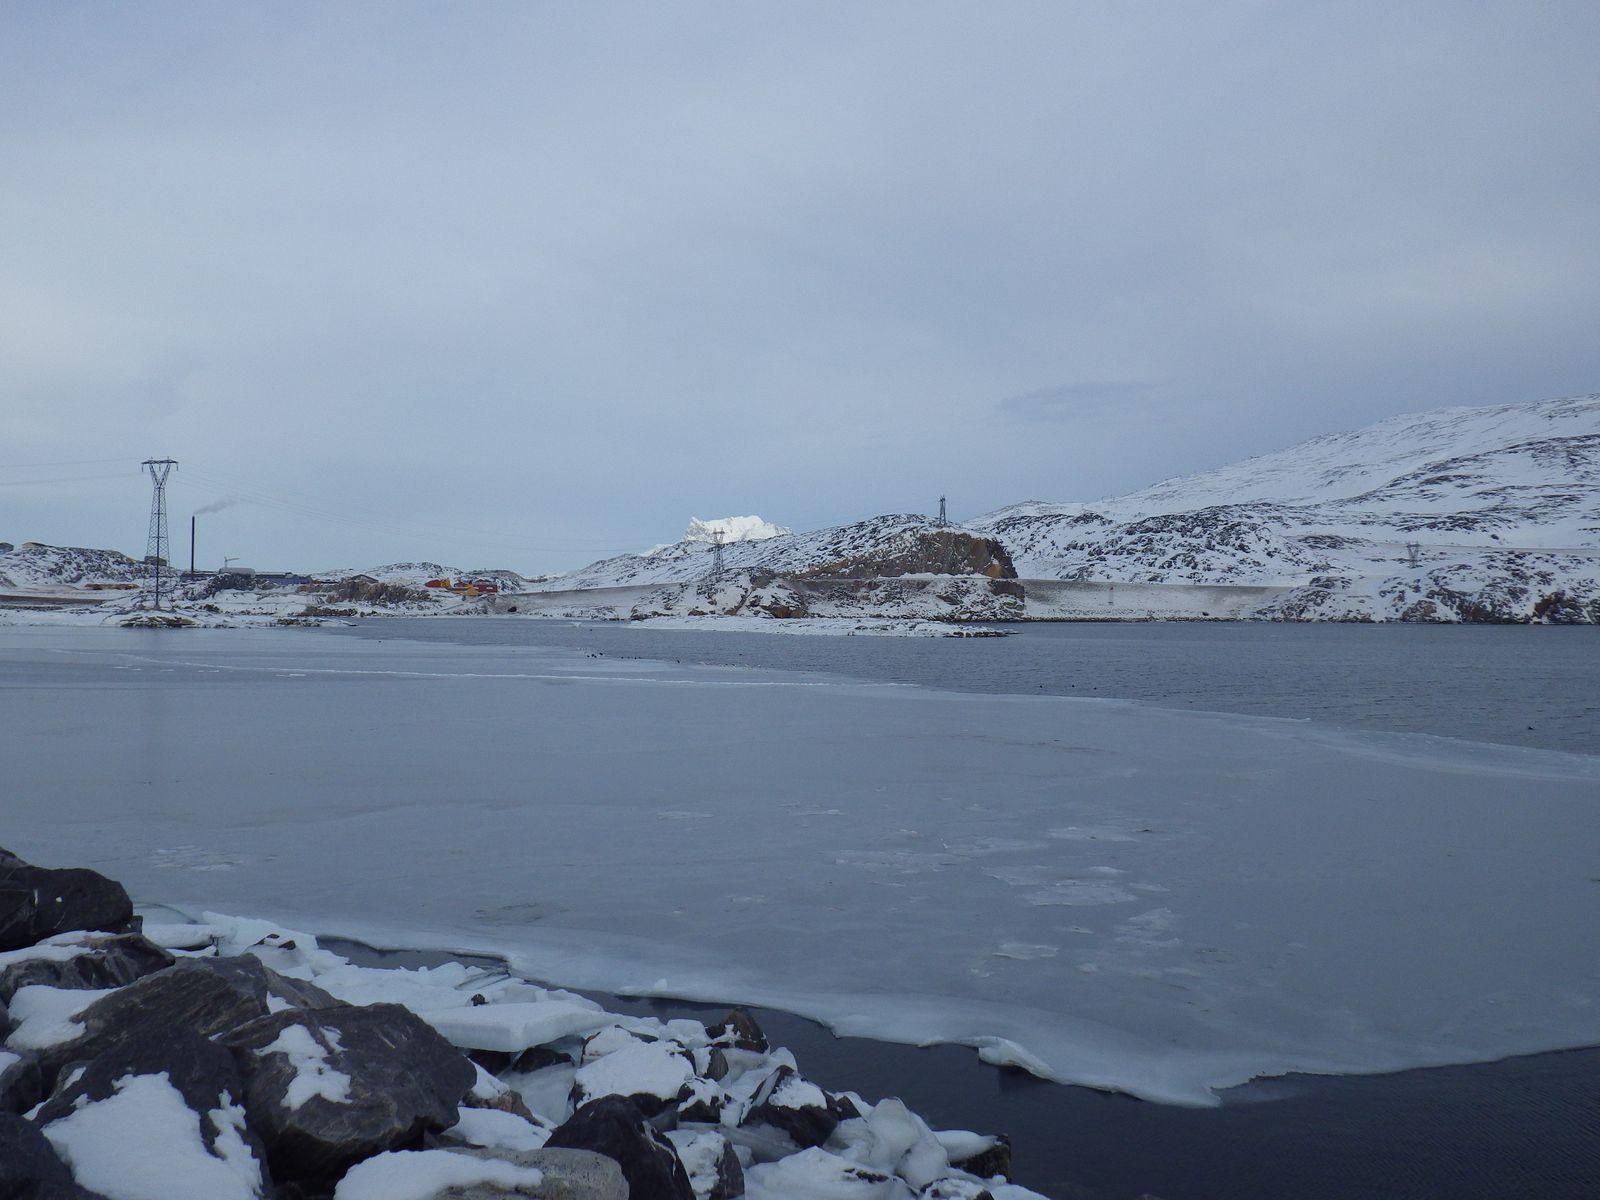 2014-02-26-1449_-_Gode_1_Sermitsiaq